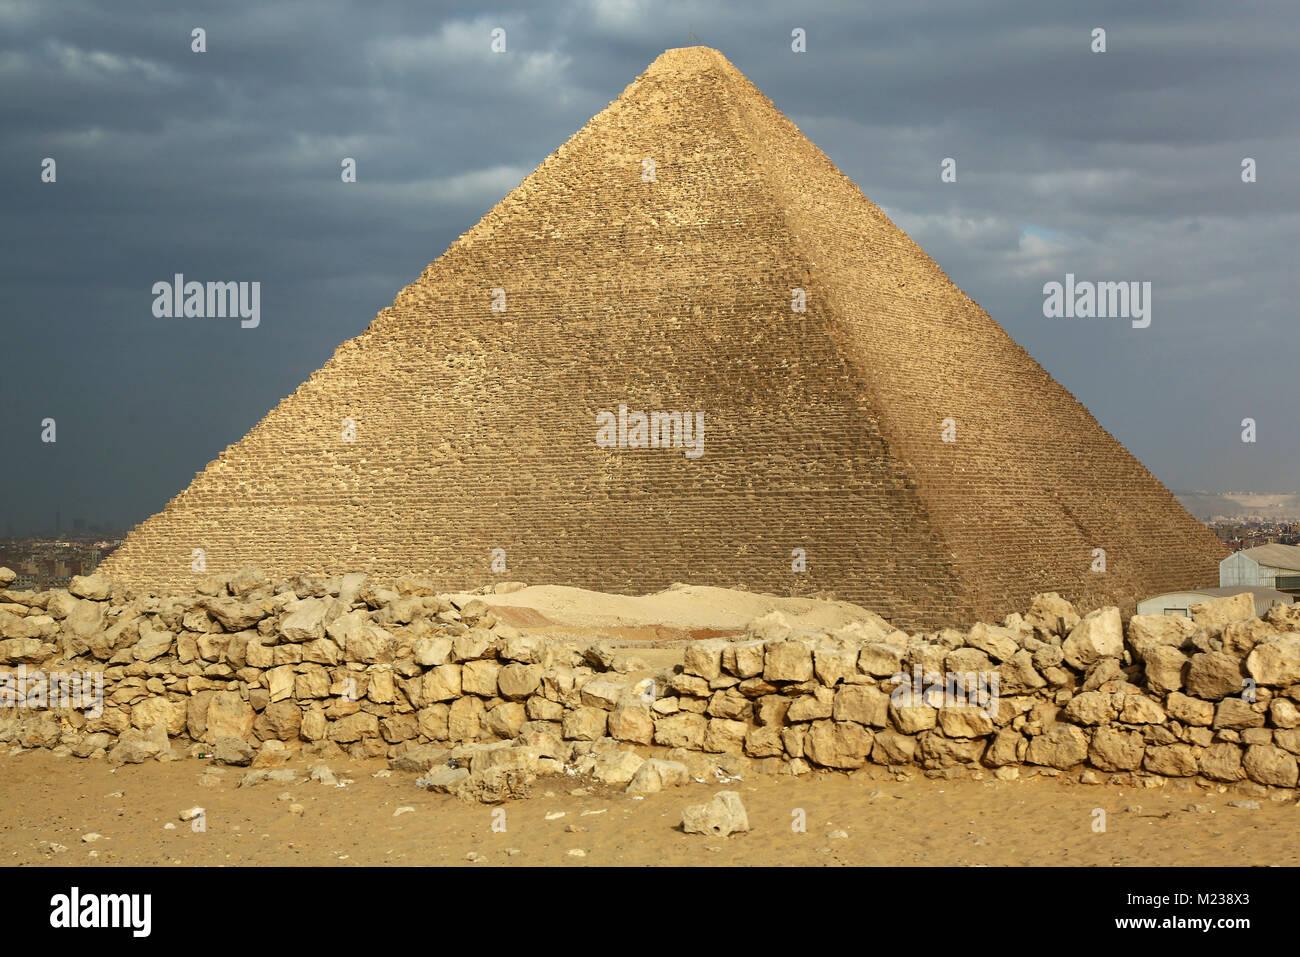 La grande pyramide de Khufu (CHEOPS) ou sur le plateau de Gizeh, Le Caire, Egypte Photo Stock